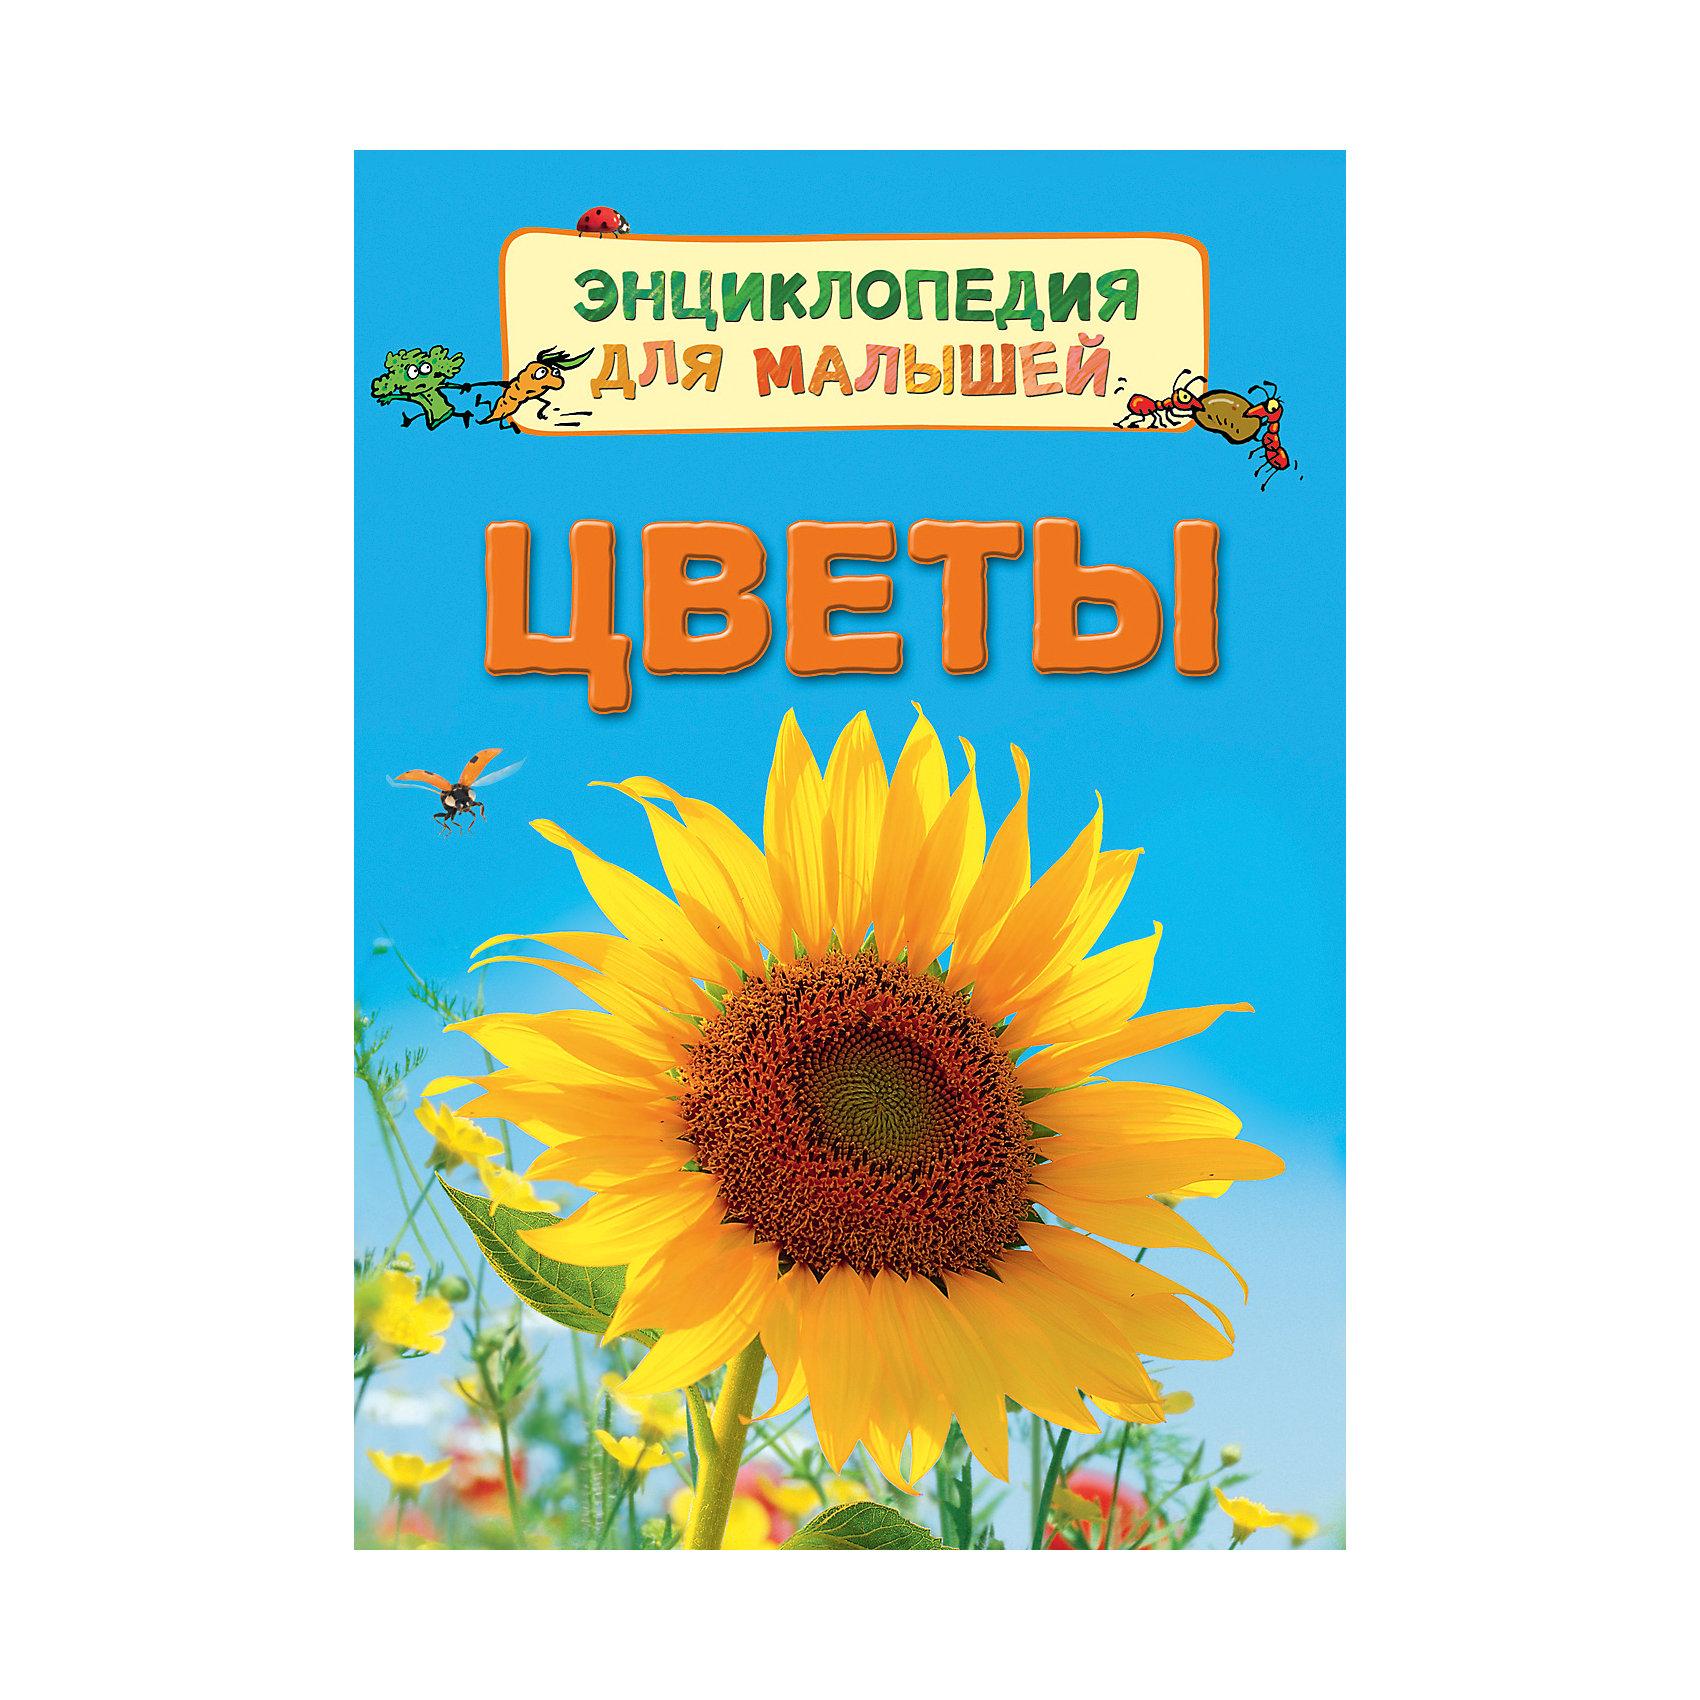 Энциклопедия для малышей ЦветыВ книге рассказывается о многообразии цветов. Маленькие читатели узнают, из каких частей состоят растения, как они дышат и питаются, что нужно, чтобы семечко подсолнуха проросло, как распускаются цветы, кто и для чего их опыляет, почему путешествуют семена и зачем землянике усы.<br><br>Ширина мм: 220<br>Глубина мм: 167<br>Высота мм: 70<br>Вес г: 190<br>Возраст от месяцев: 36<br>Возраст до месяцев: 2147483647<br>Пол: Унисекс<br>Возраст: Детский<br>SKU: 5453592